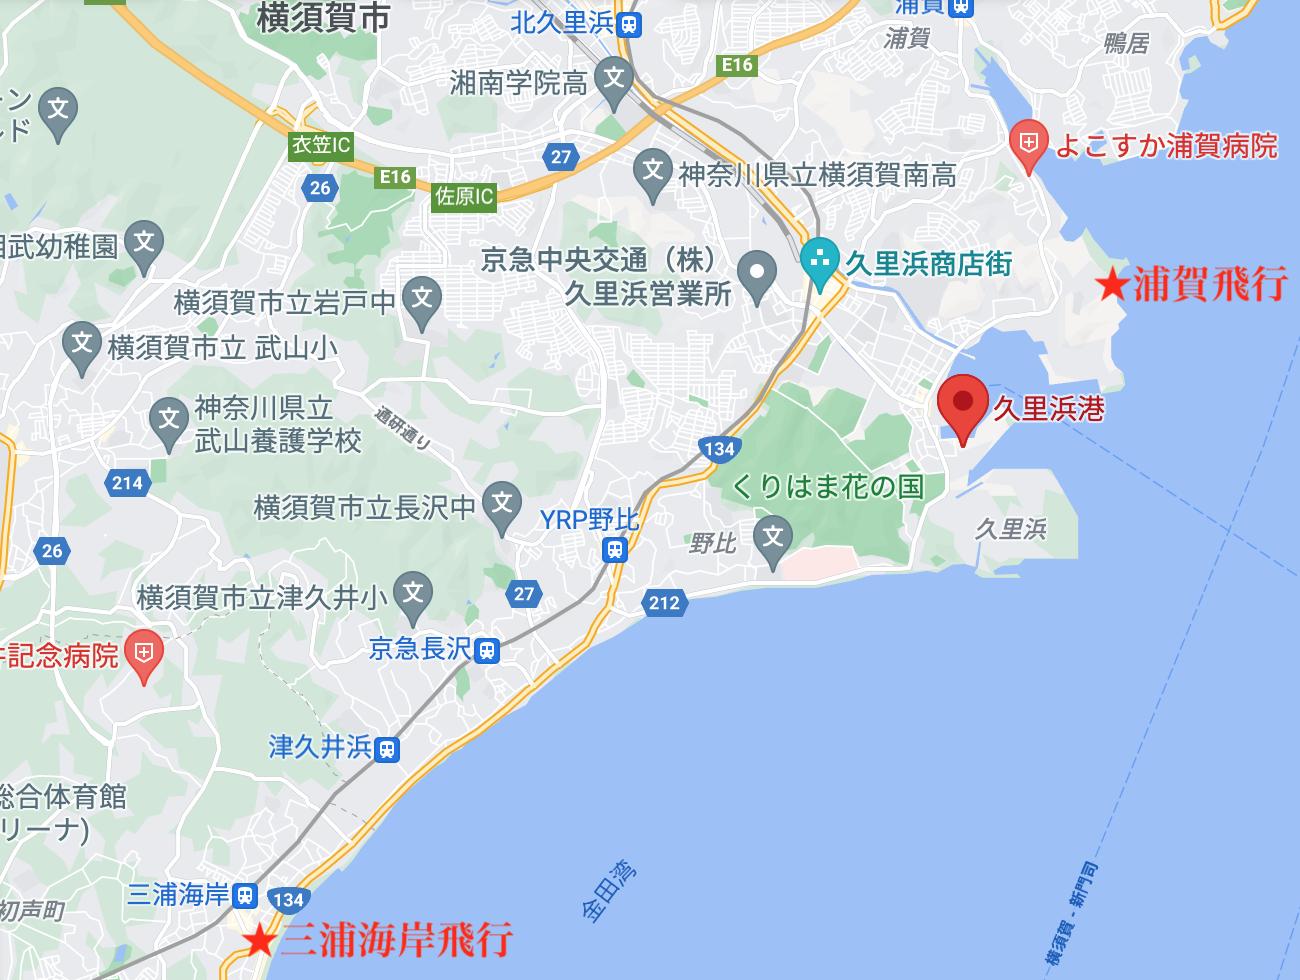 久里浜港 場所